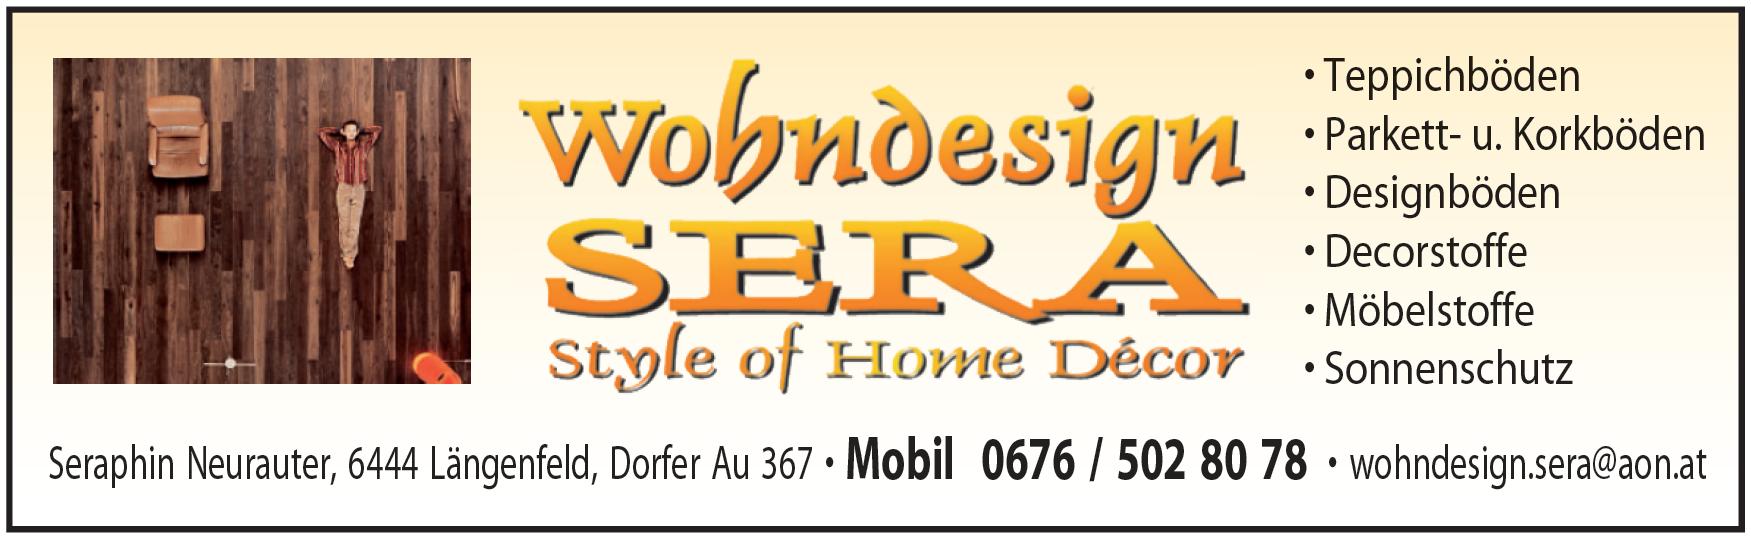 haus garten bau reparatur und einrichtung in langenfeld infobel sterreich. Black Bedroom Furniture Sets. Home Design Ideas